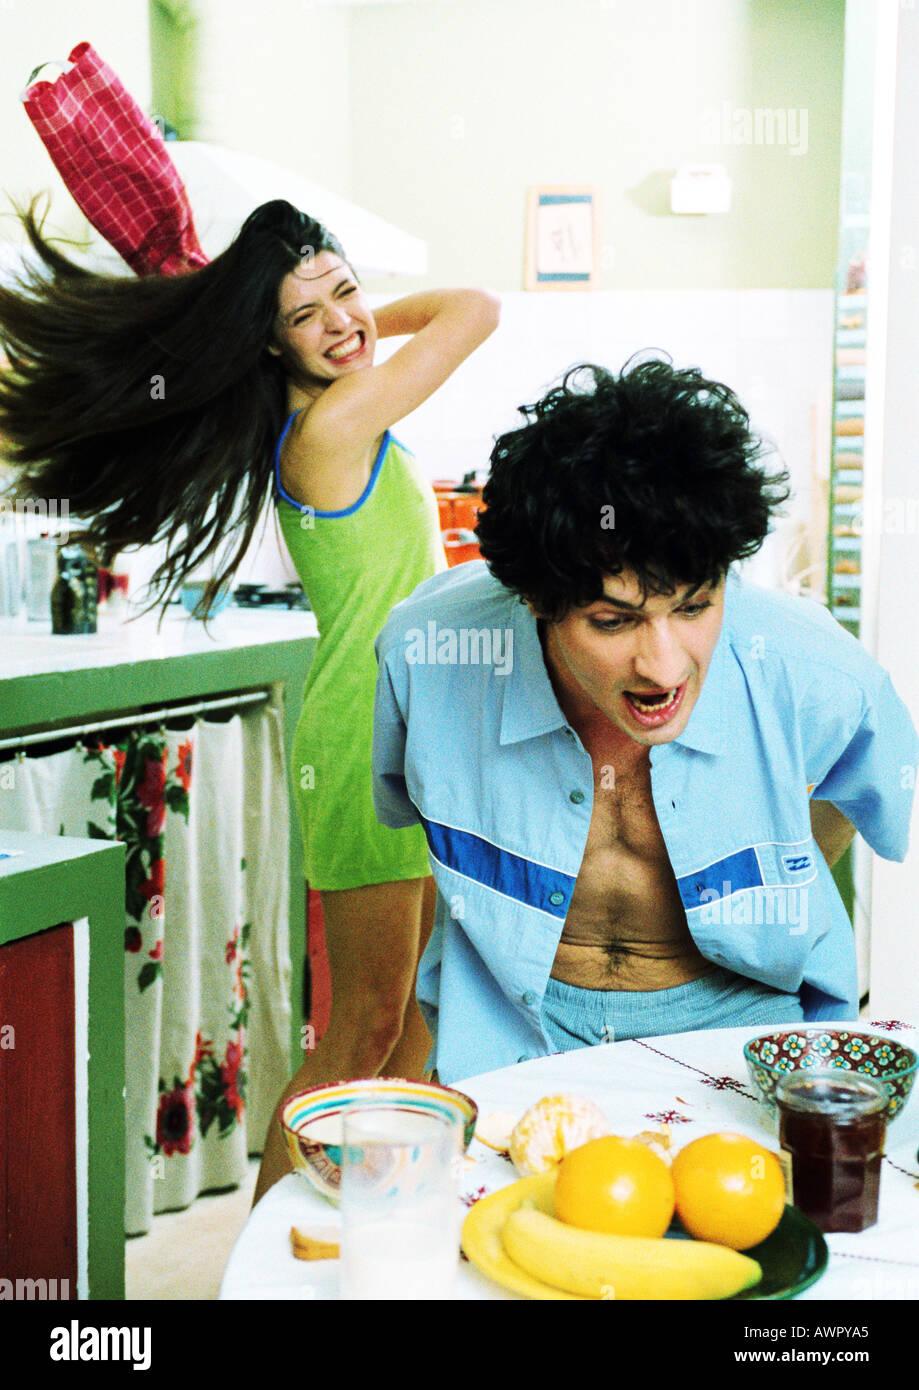 L'homme à table de petit déjeuner, cuisine oscillante femme serviette à l'homme. Banque D'Images